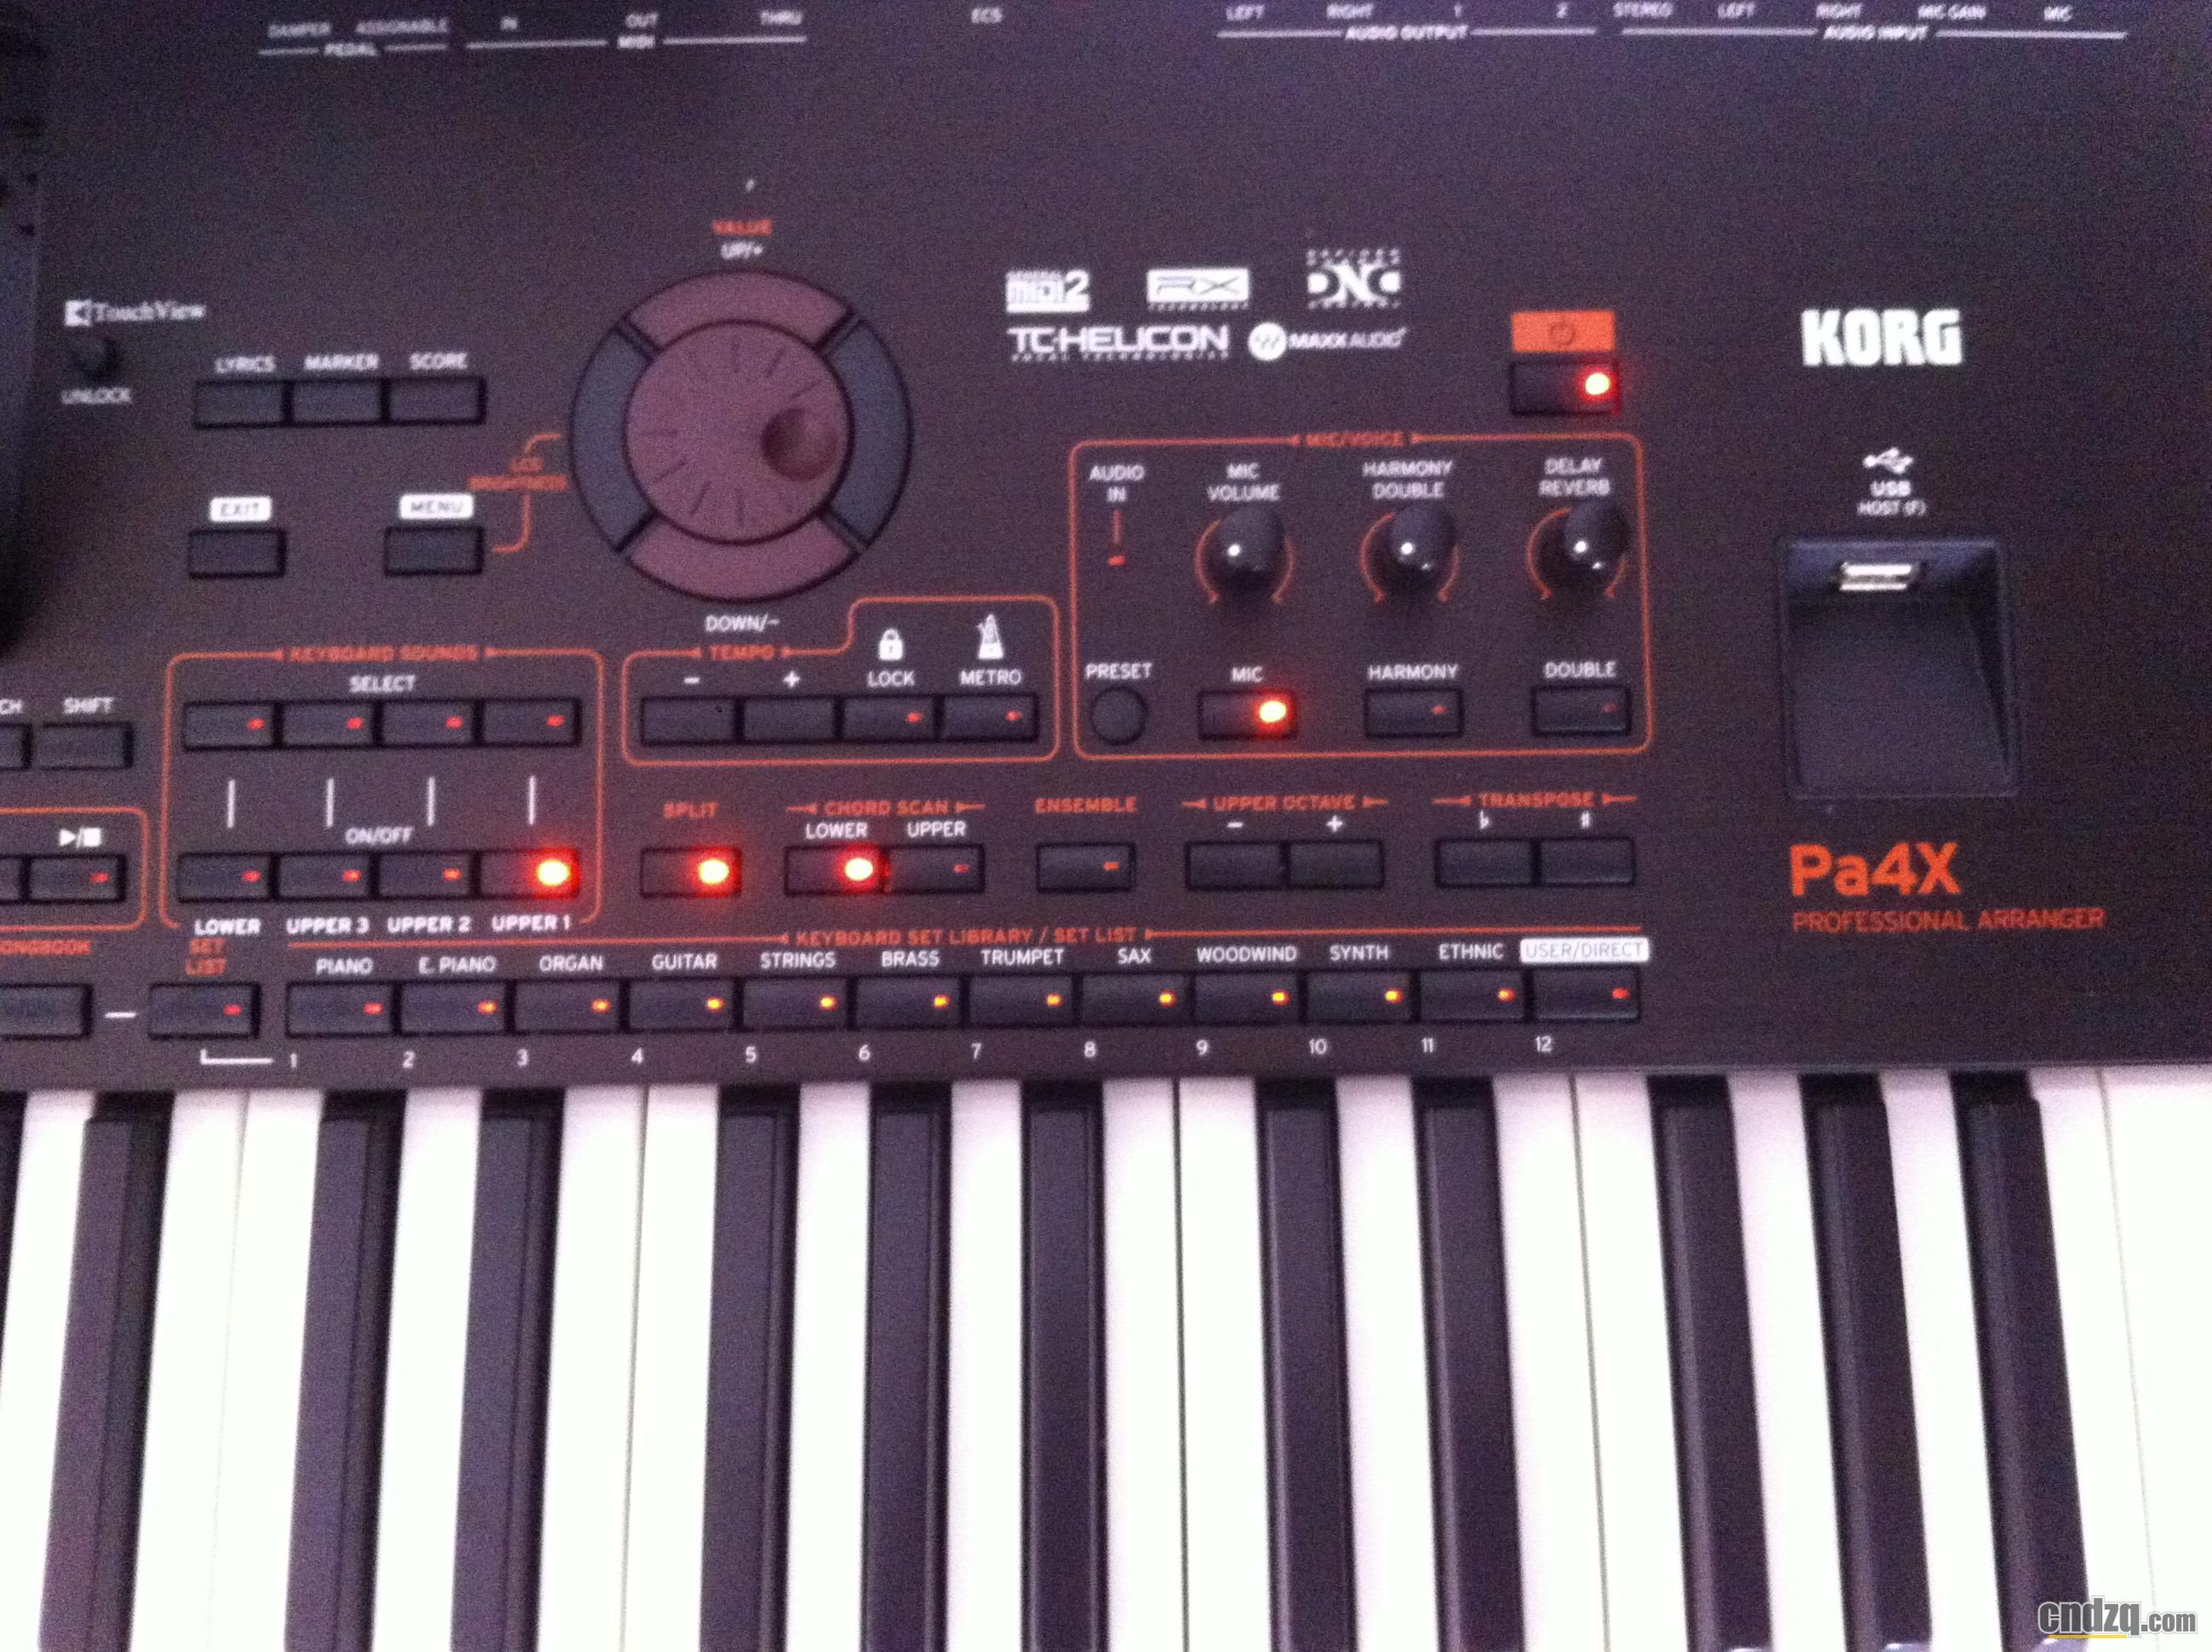 korg pa4x 到家 - 中国电子琴在线论坛 - powered by